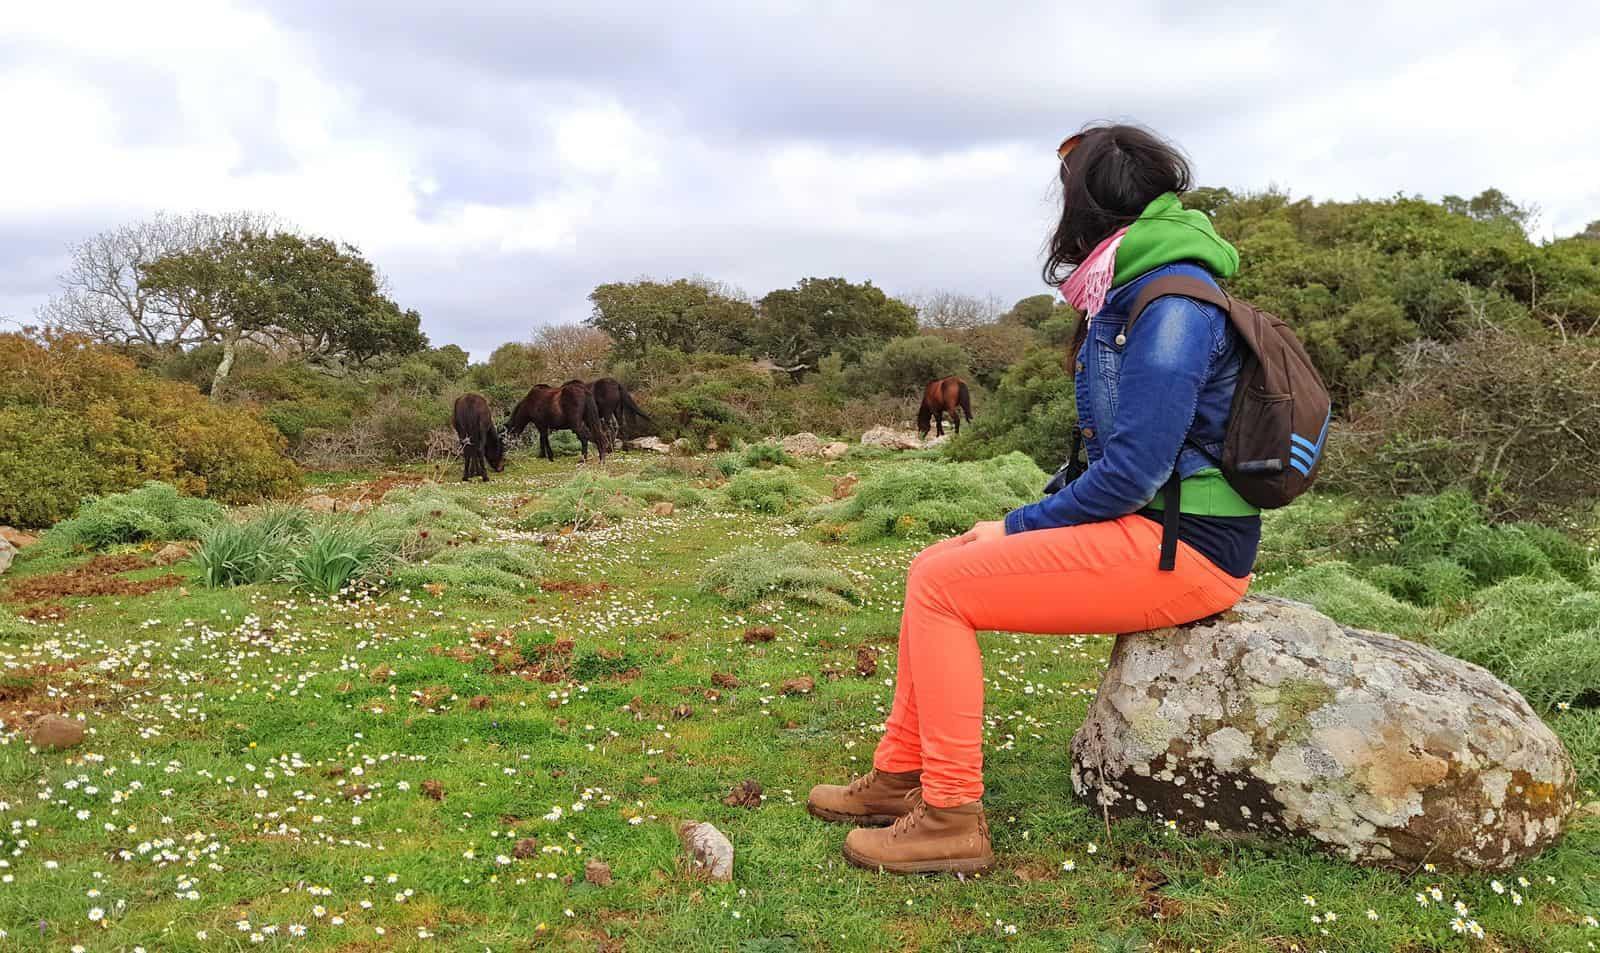 cavallini_giara_tuili_sardegna